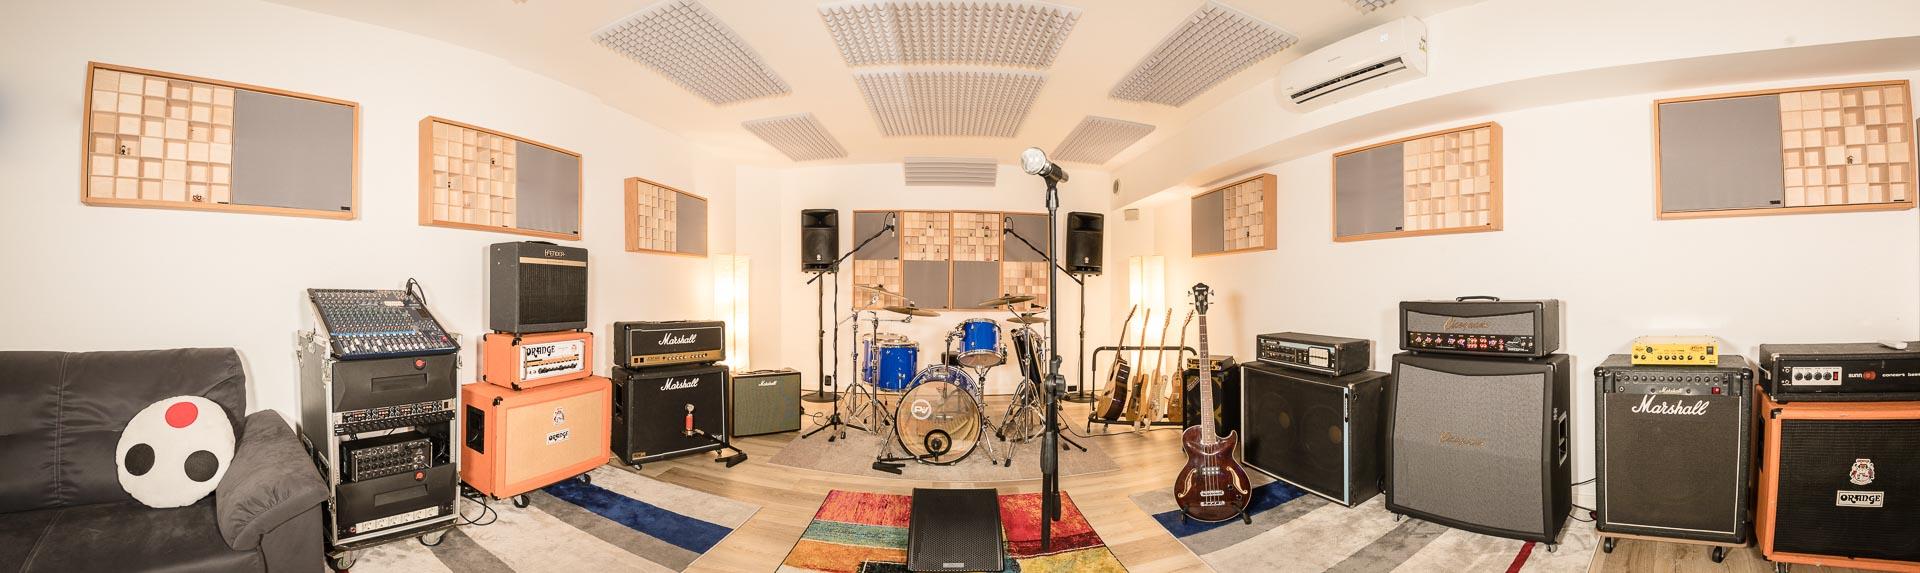 STUDIO XLR: sala prove, studio di registrazione e produzioni musicali SAN DONATO MILANESE